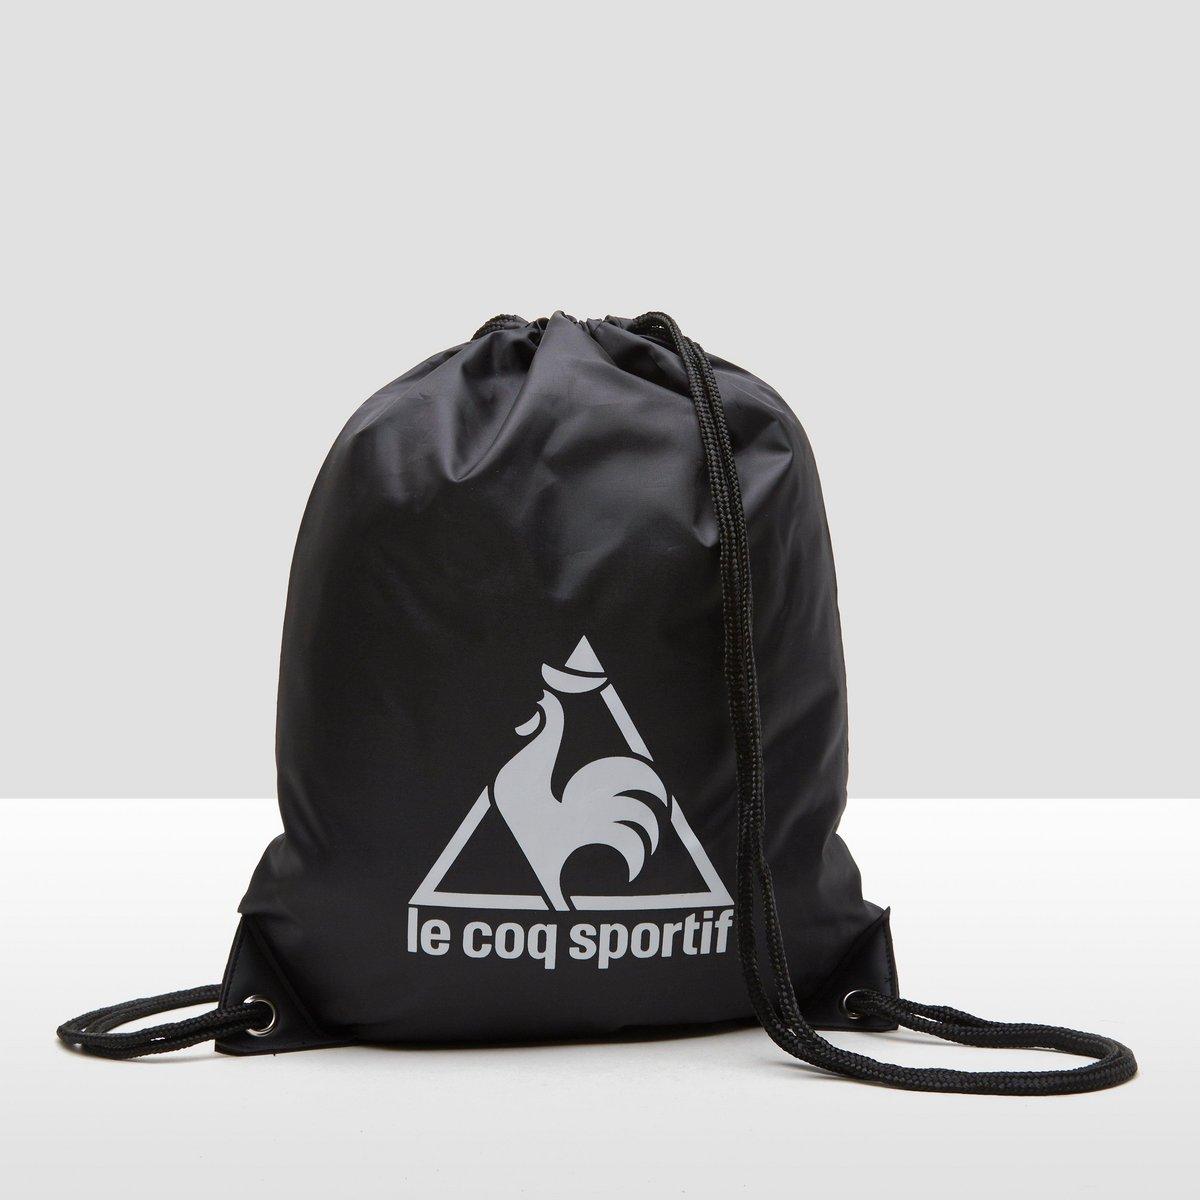 Le coq sportif Logo gymtas @ Aktiesport